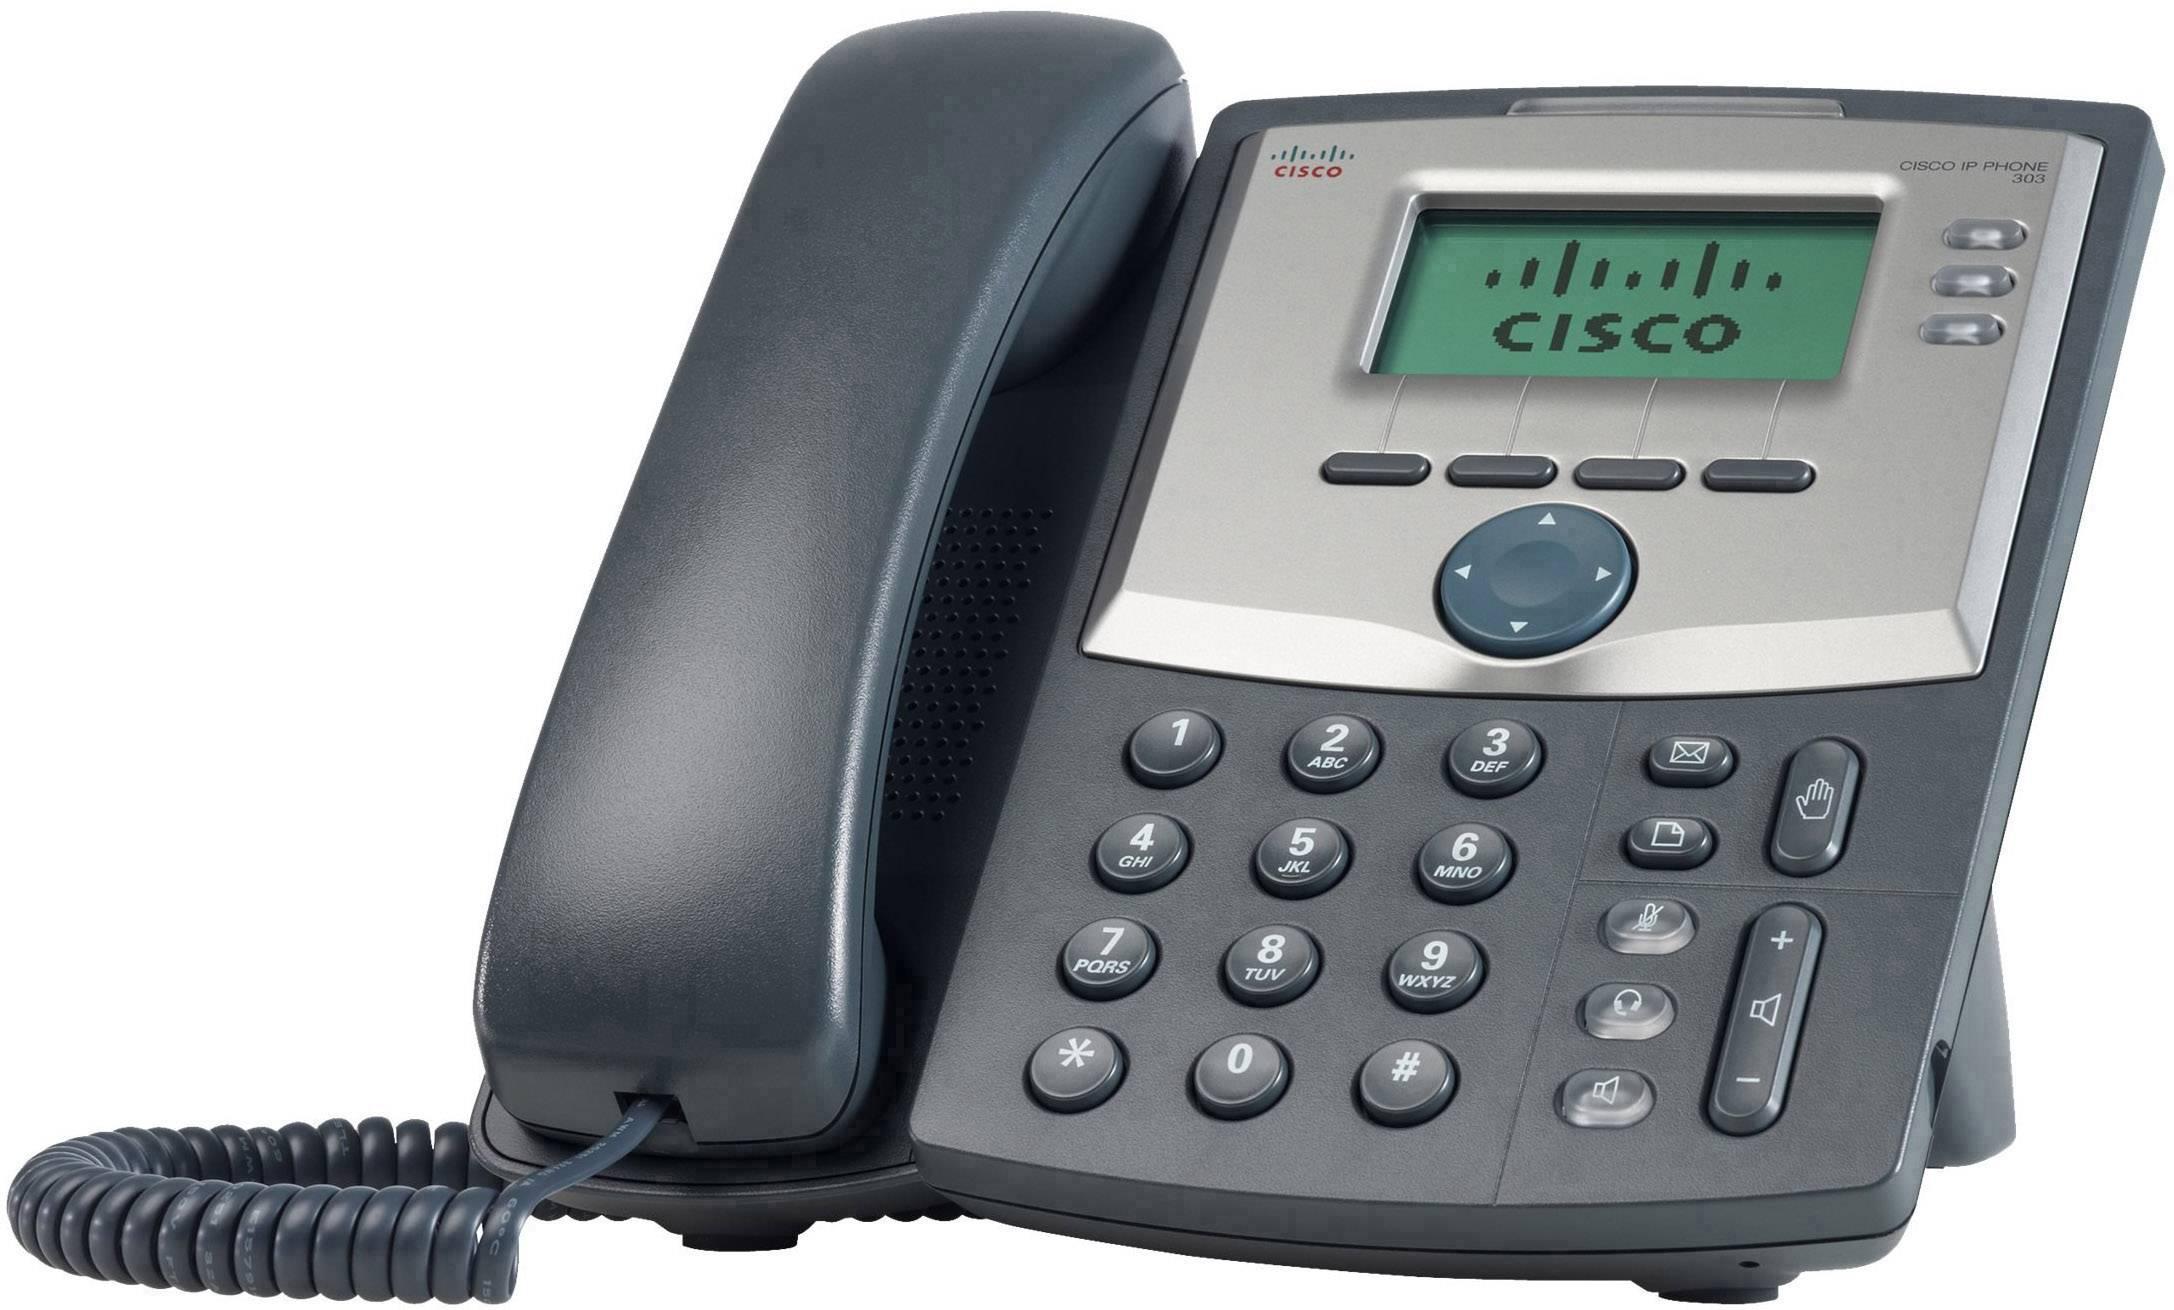 Systémový telefon, VoIP Cisco Cisco Small Business IP Telefon SPA303 - LCD displej černá